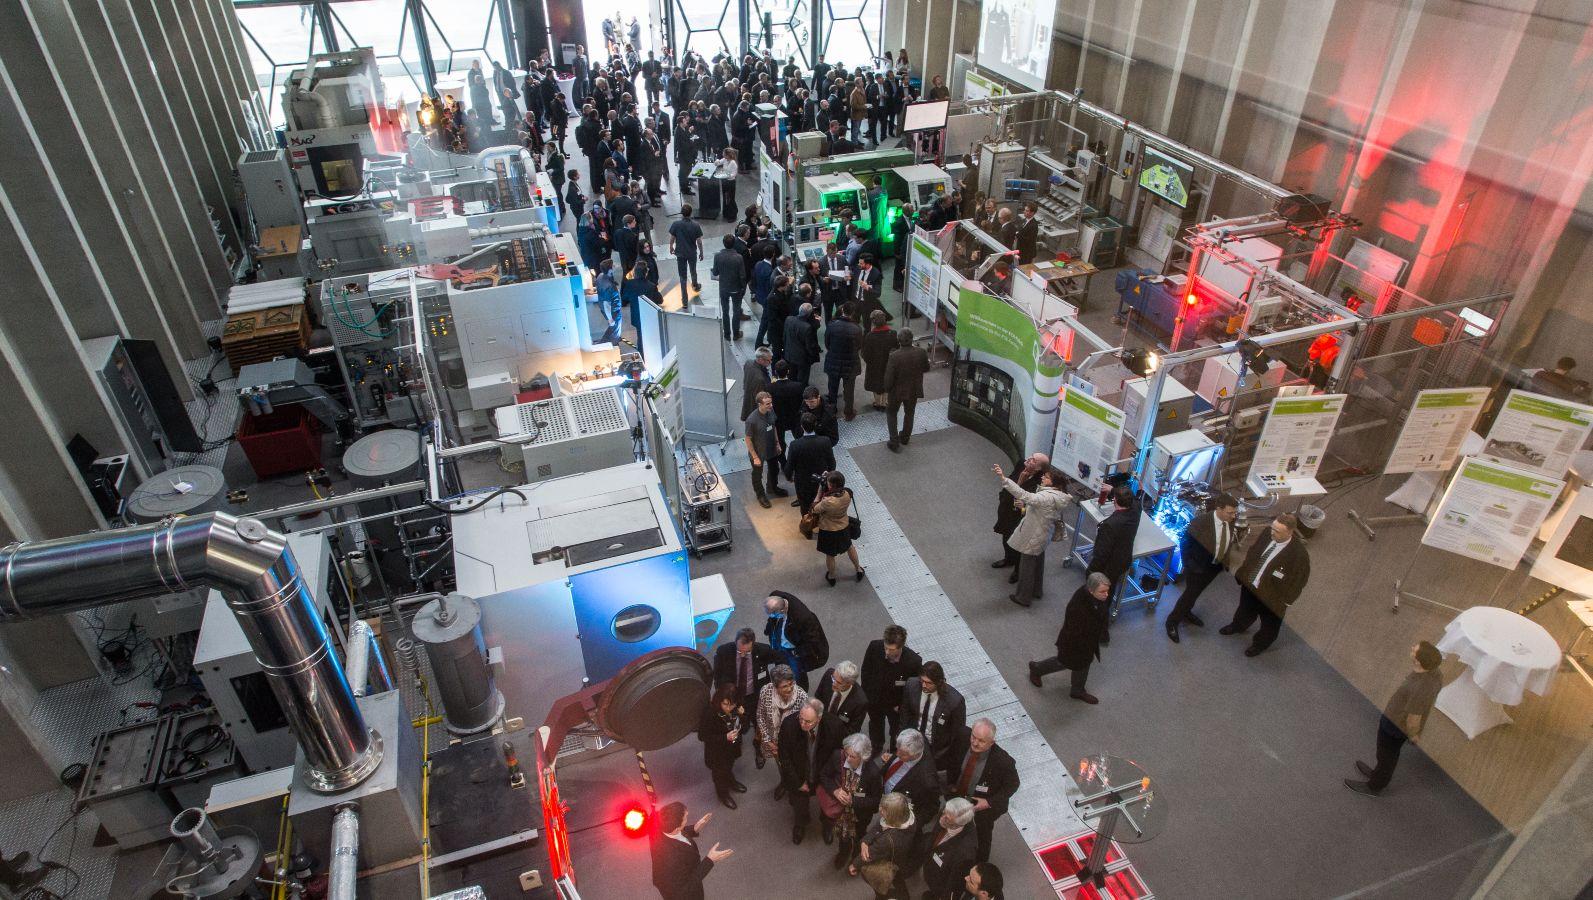 PHI-Factory an der TU Darmstadt - bei der Einweihung bestaunen viele Menschen die Fabrik der Zukunft.